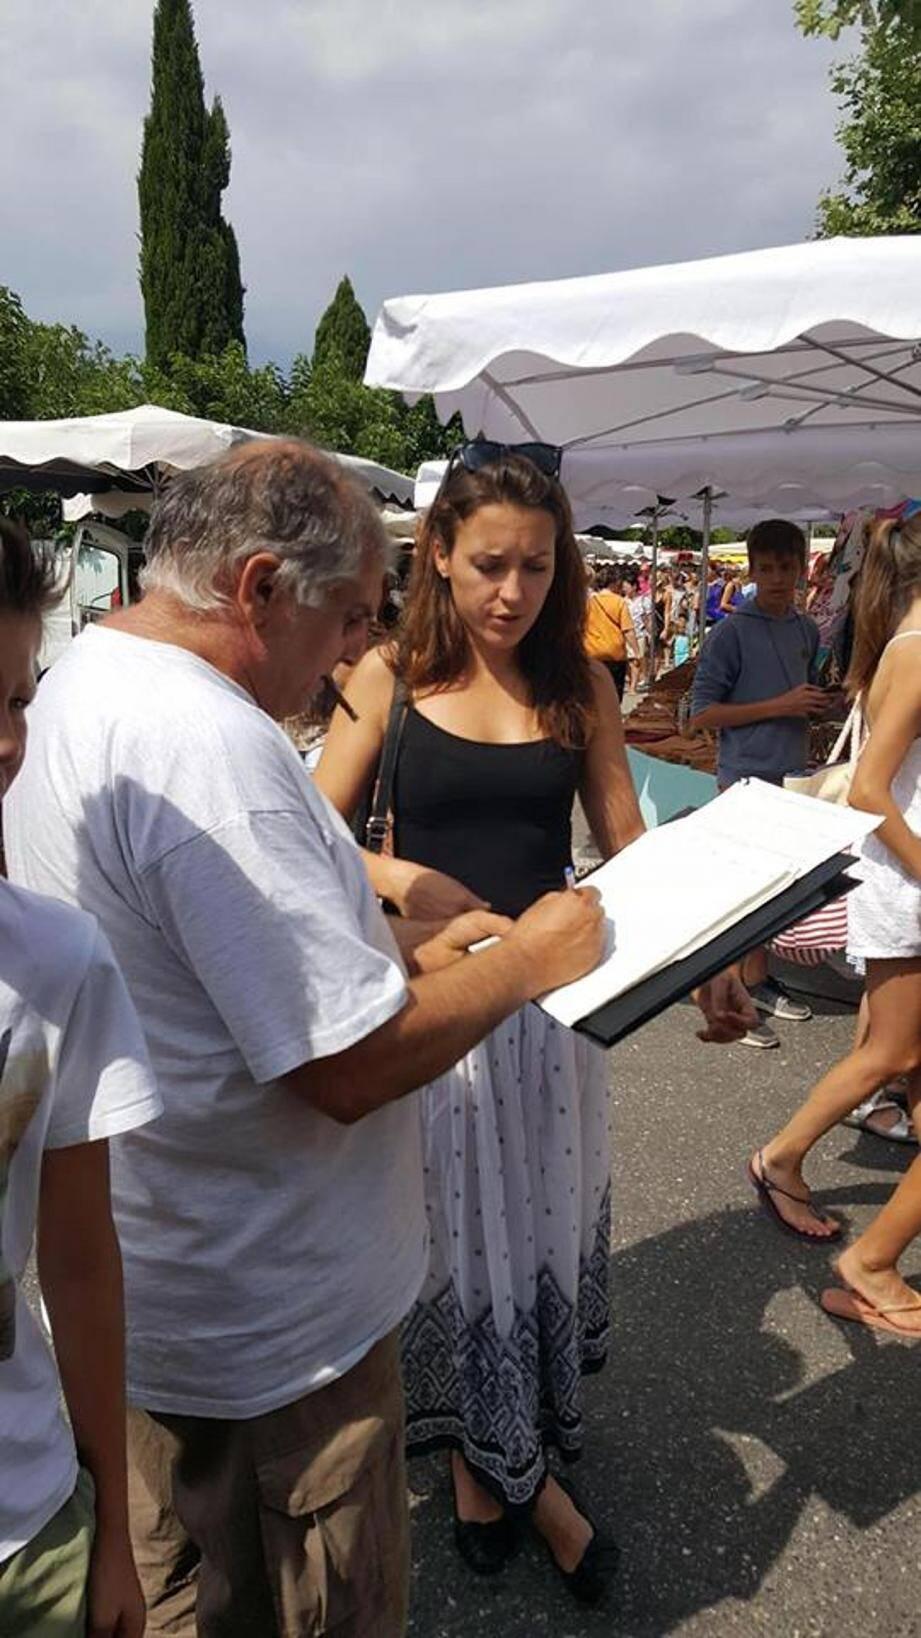 Mardi 11 juillet. La conseillère régionale a fait signer la pétition qu'elle a lancée sur le marché de Garéoult.